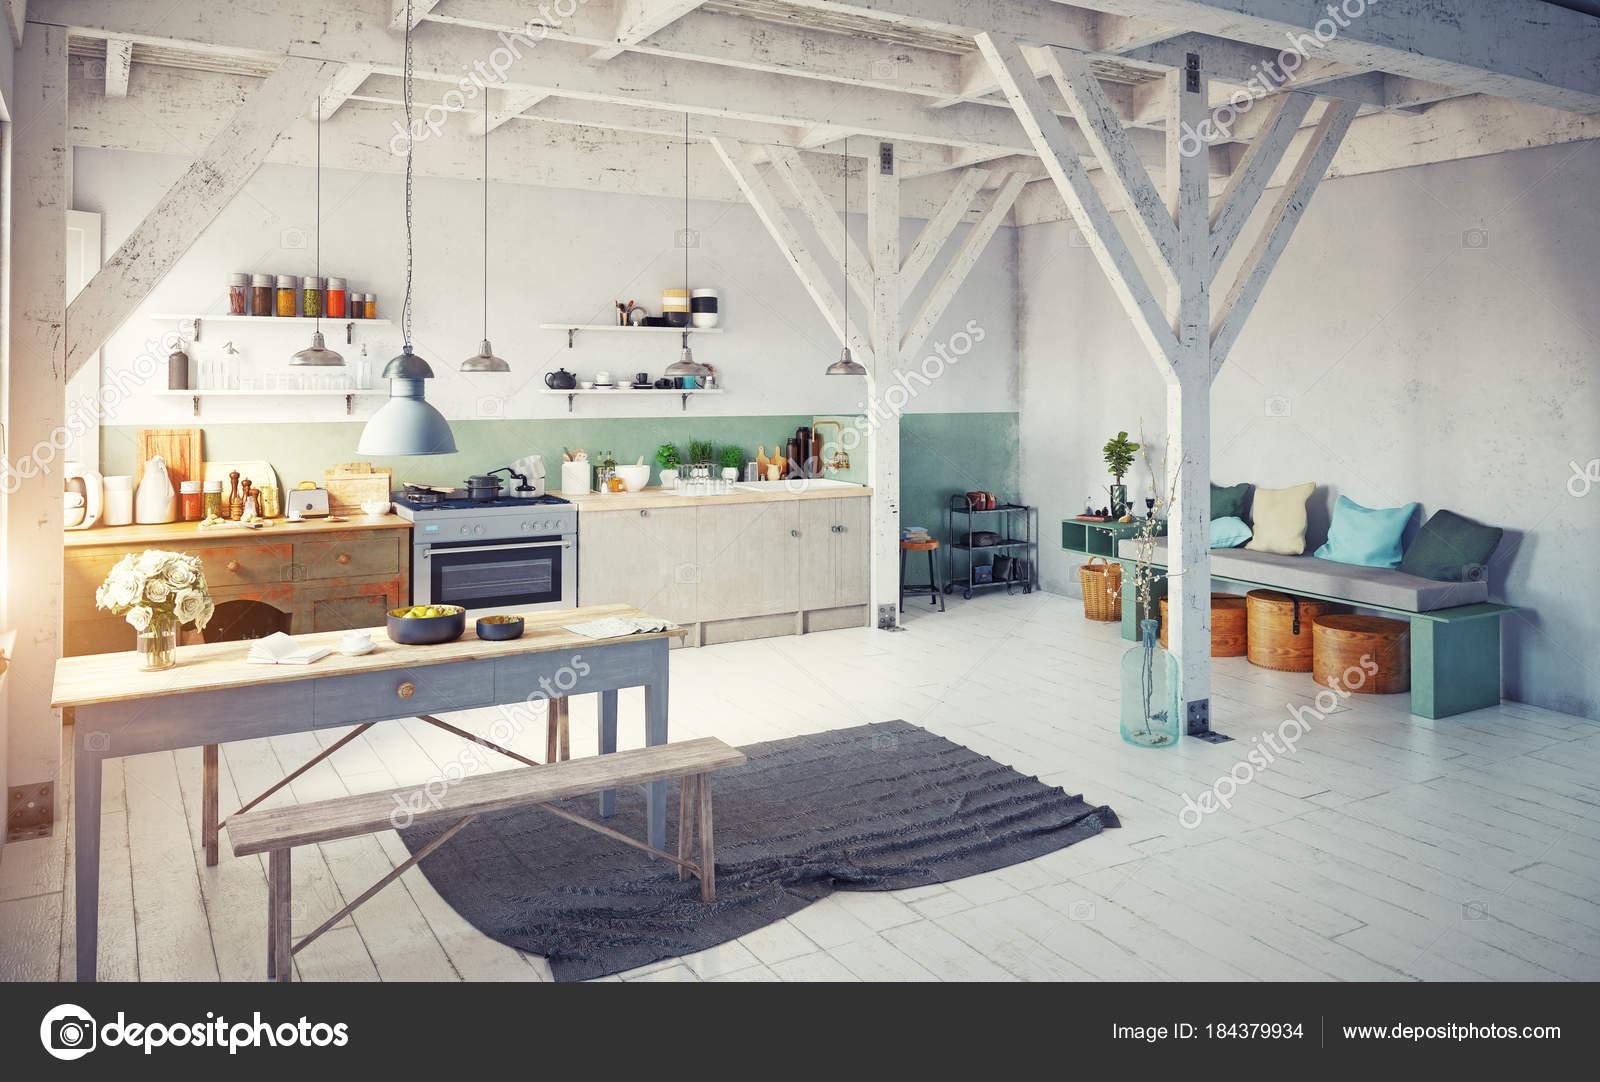 Vista Esquina Interior Cocina Estilo Vintage Con Mesa Banco Con ...